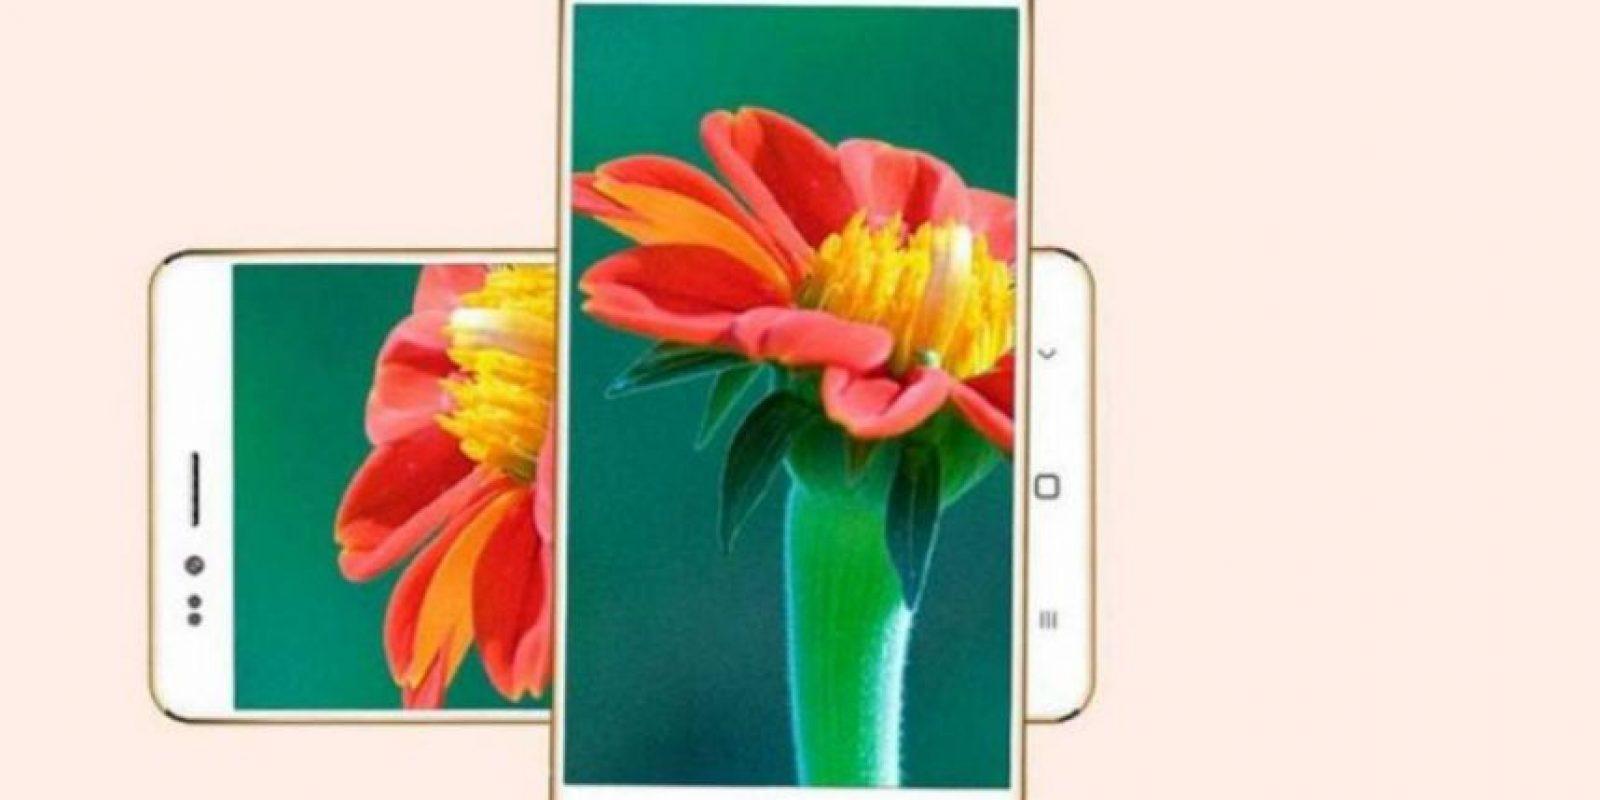 El Freedom 251 será el Smartphone más barato del mundo. Foto:Twitter